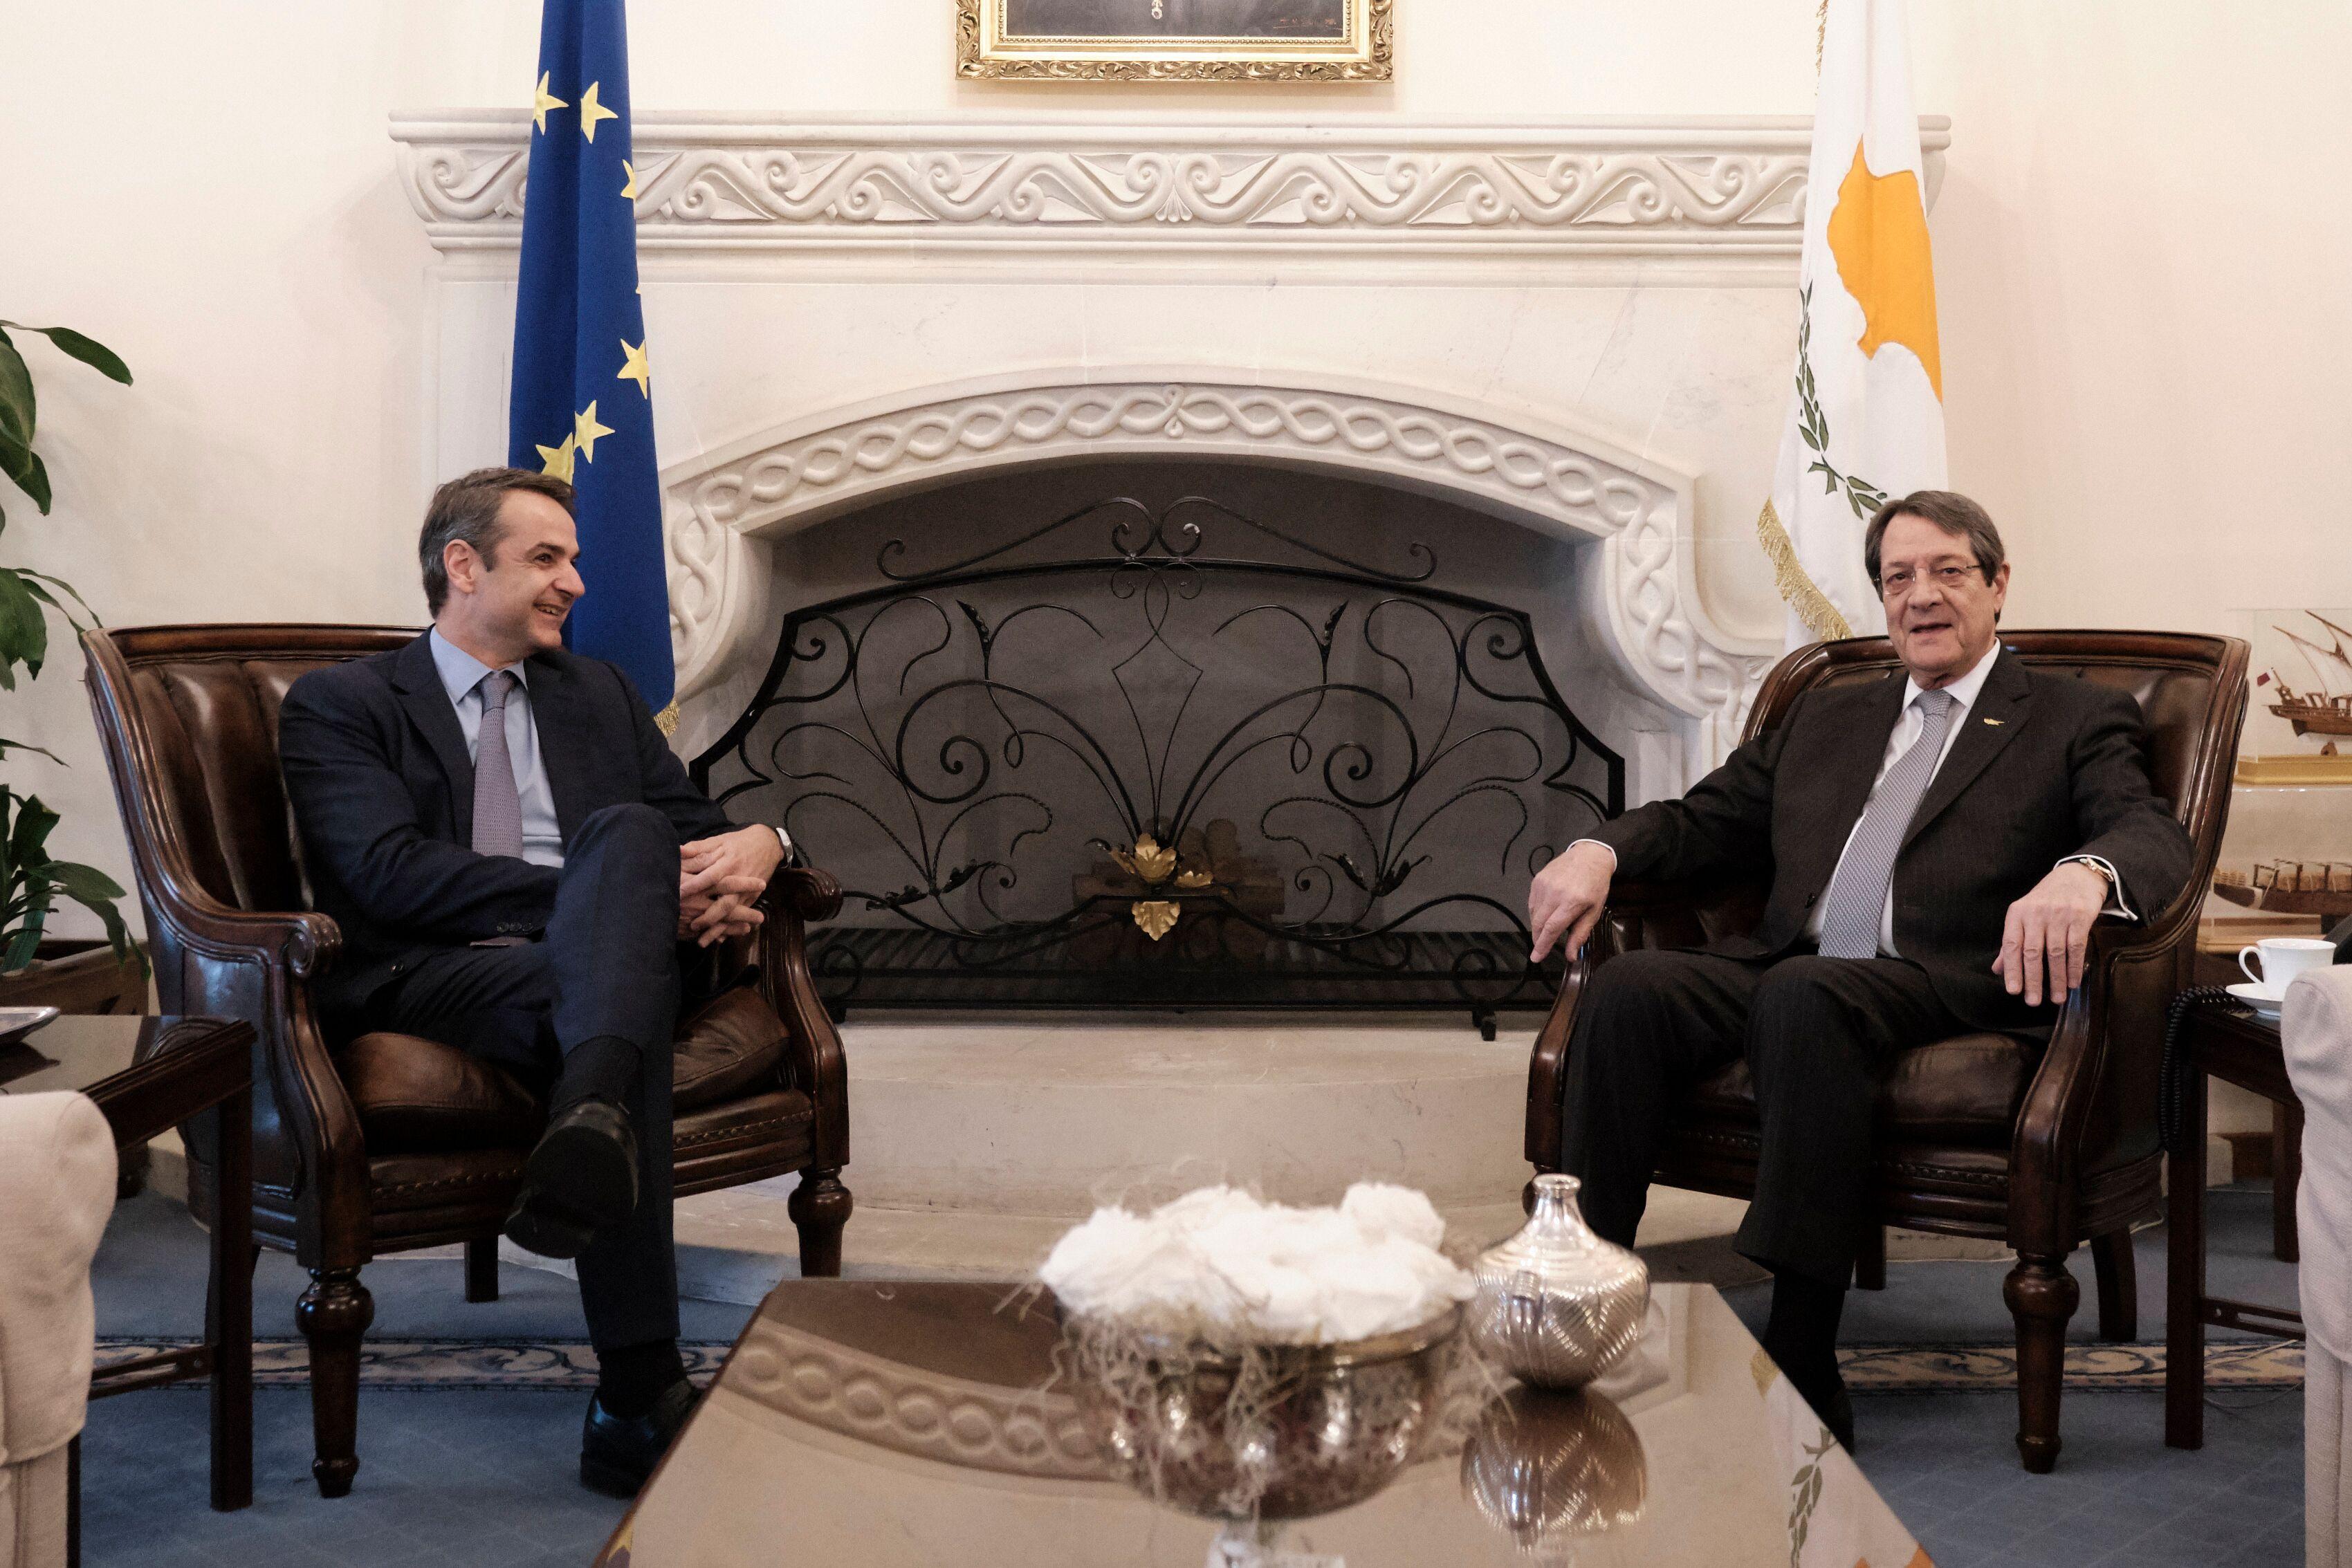 Δηλώσεις του Προέδρου της Ν.Δ. μετά τη συνάντησή του με τον Πρόεδρο της Κυπριακής Δημοκρατίας κ. Νίκο Αναστασιάδη